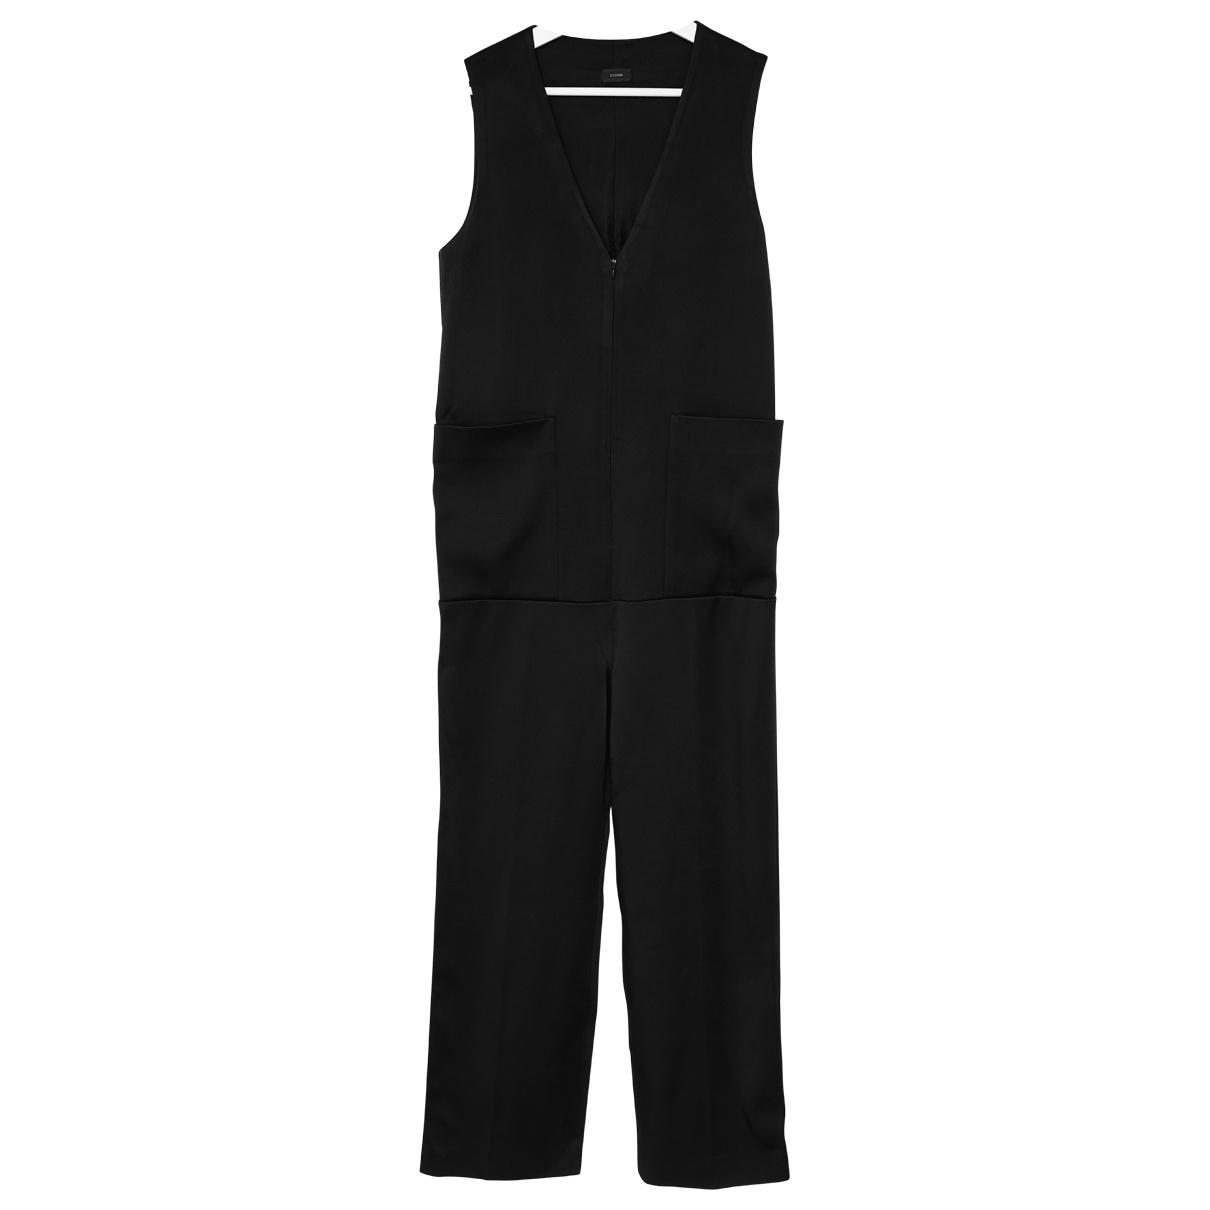 Joseph \N Black jumpsuit for Women 36 FR